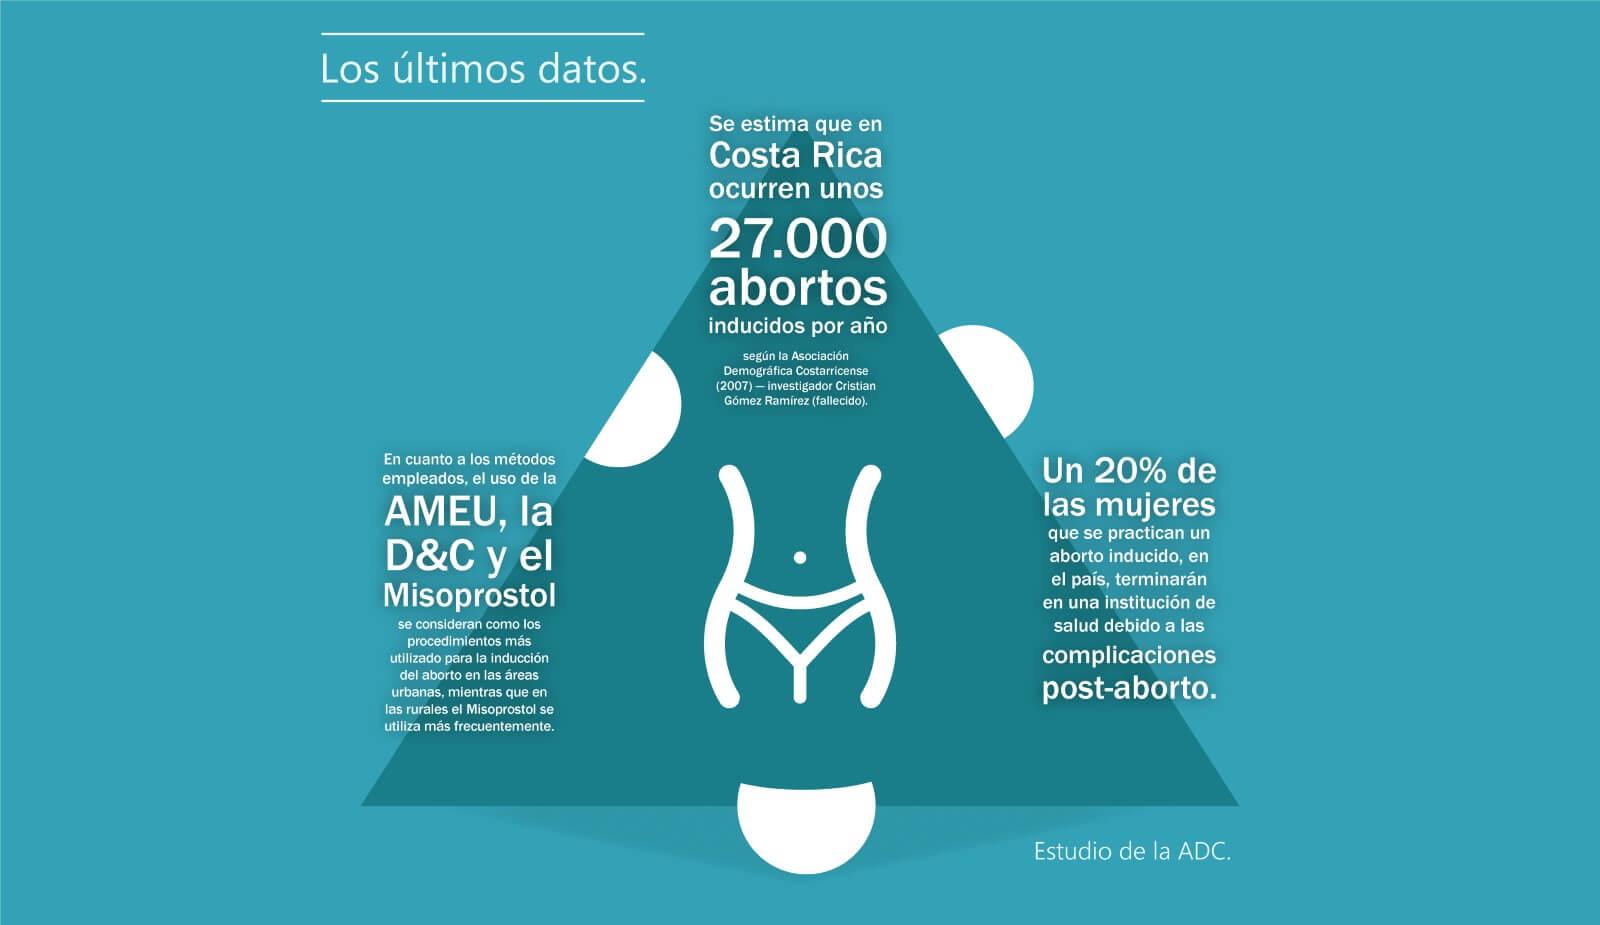 Riesgos y complicaciones del aborto